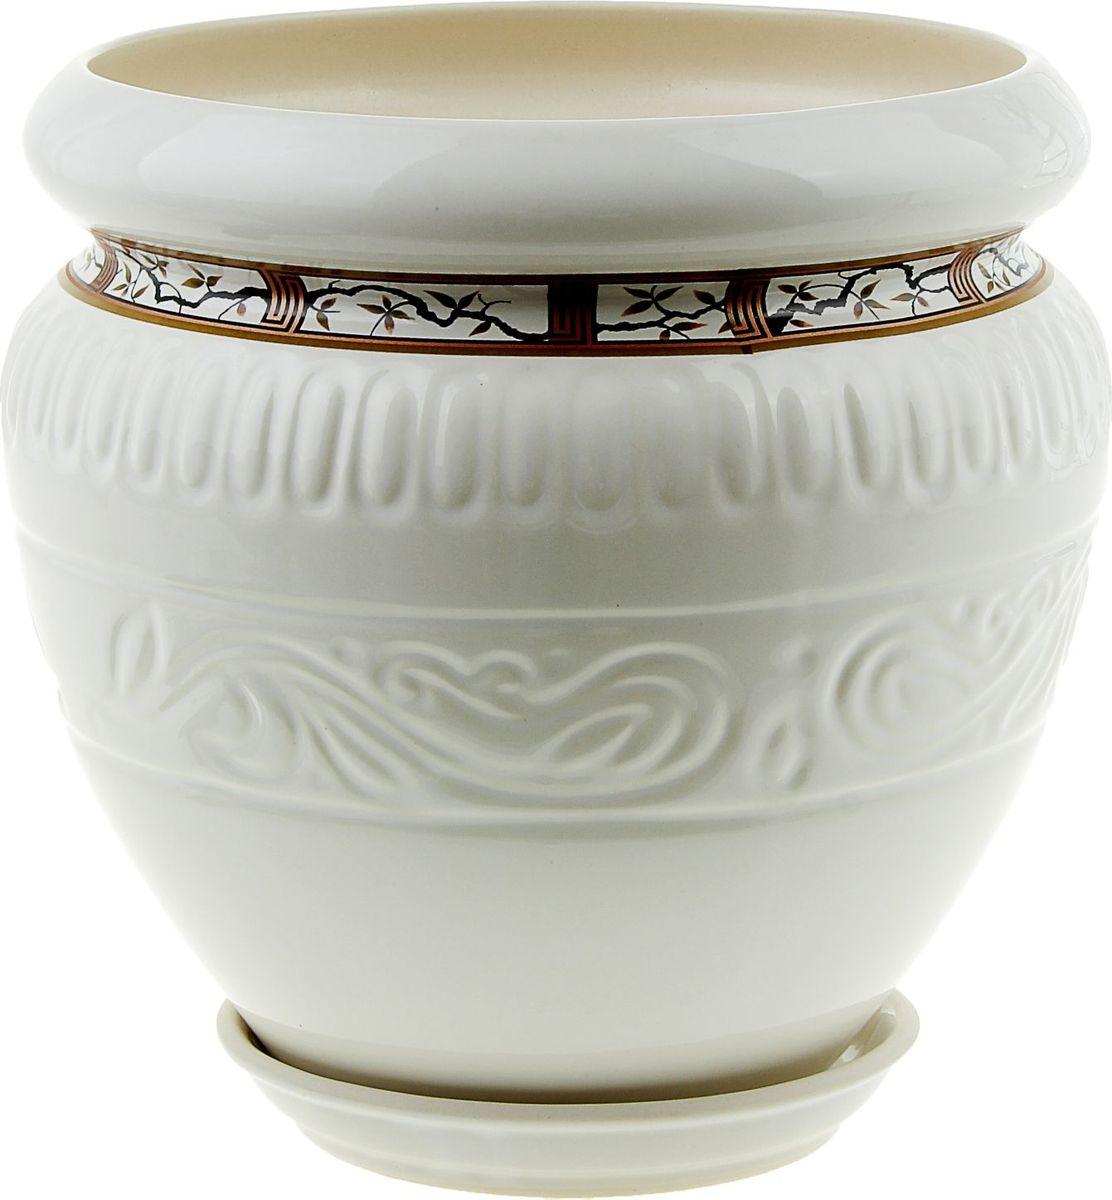 Кашпо Керамика ручной работы Амфора. Сакура, цвет: белый, 7,5 л835491Комнатные растения — всеобщие любимцы. Они радуют глаз, насыщают помещение кислородом и украшают пространство. Каждому из них необходим свой удобный и красивый дом.Кашпо из керамики прекрасно подходит для высадки растений: за счёт пластичности глины и разных способов обработки существует великое множество форм и дизайнов, пористый материал позволяет испаряться лишней влаге, воздух, необходимый для дыхания корней, проникает сквозь керамические стенки! Изделие освежит интерьер и подчеркнёт его стиль.